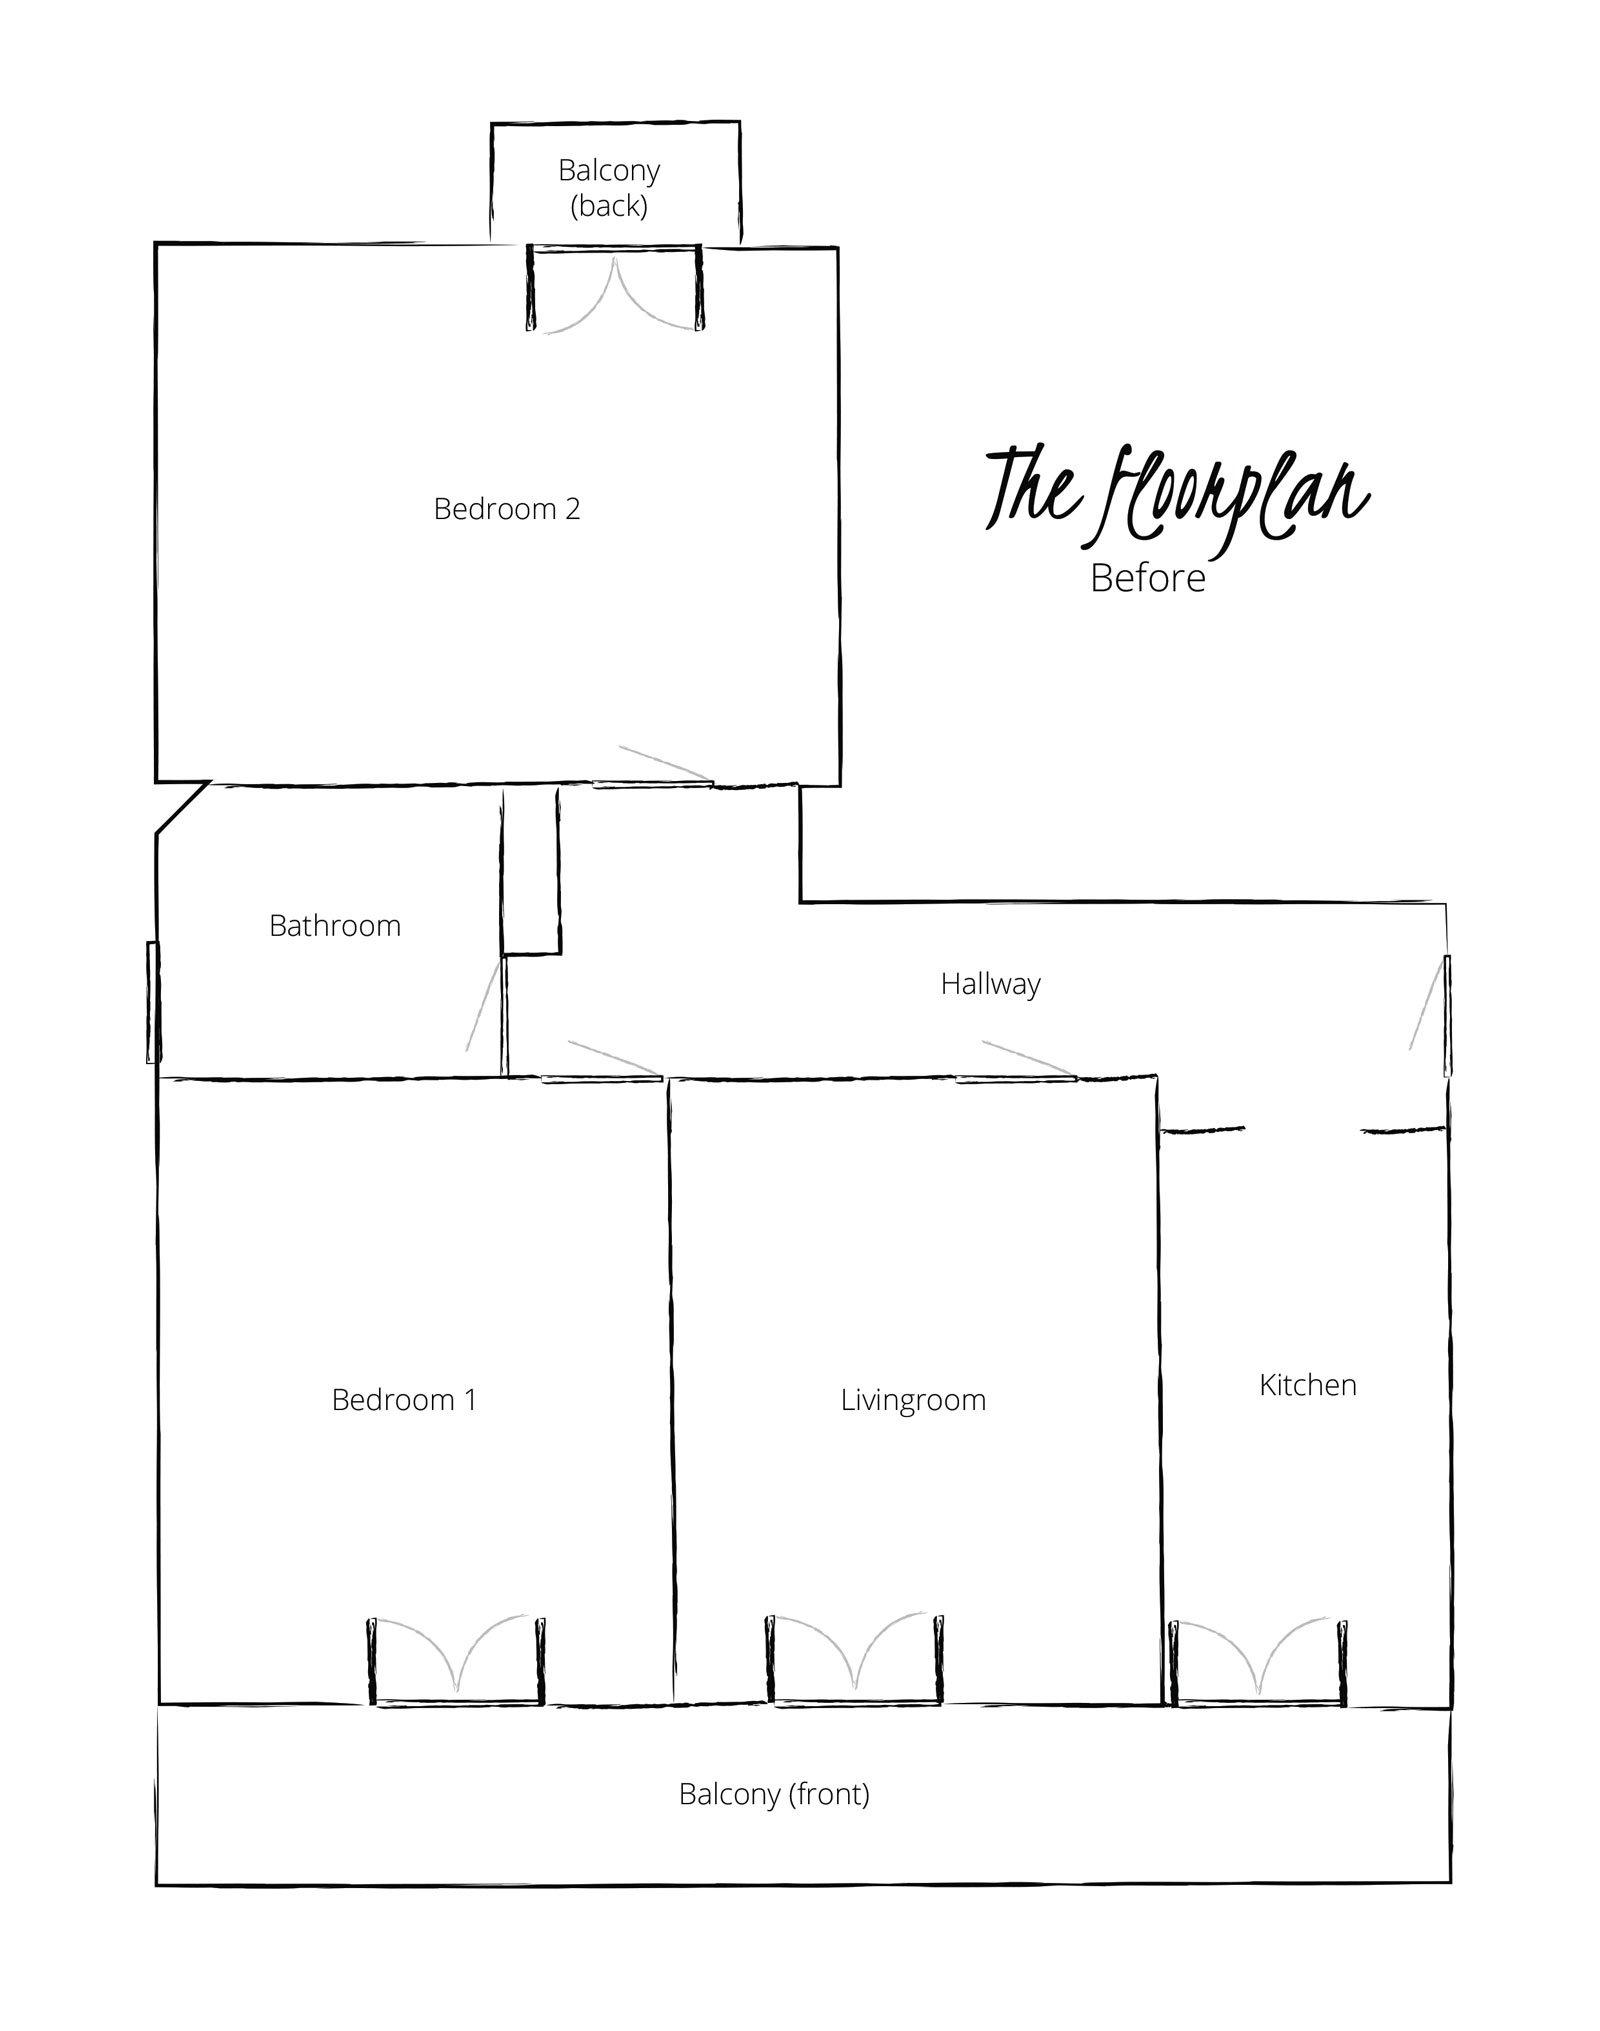 scandinavianfeeling home renovations floorplan before